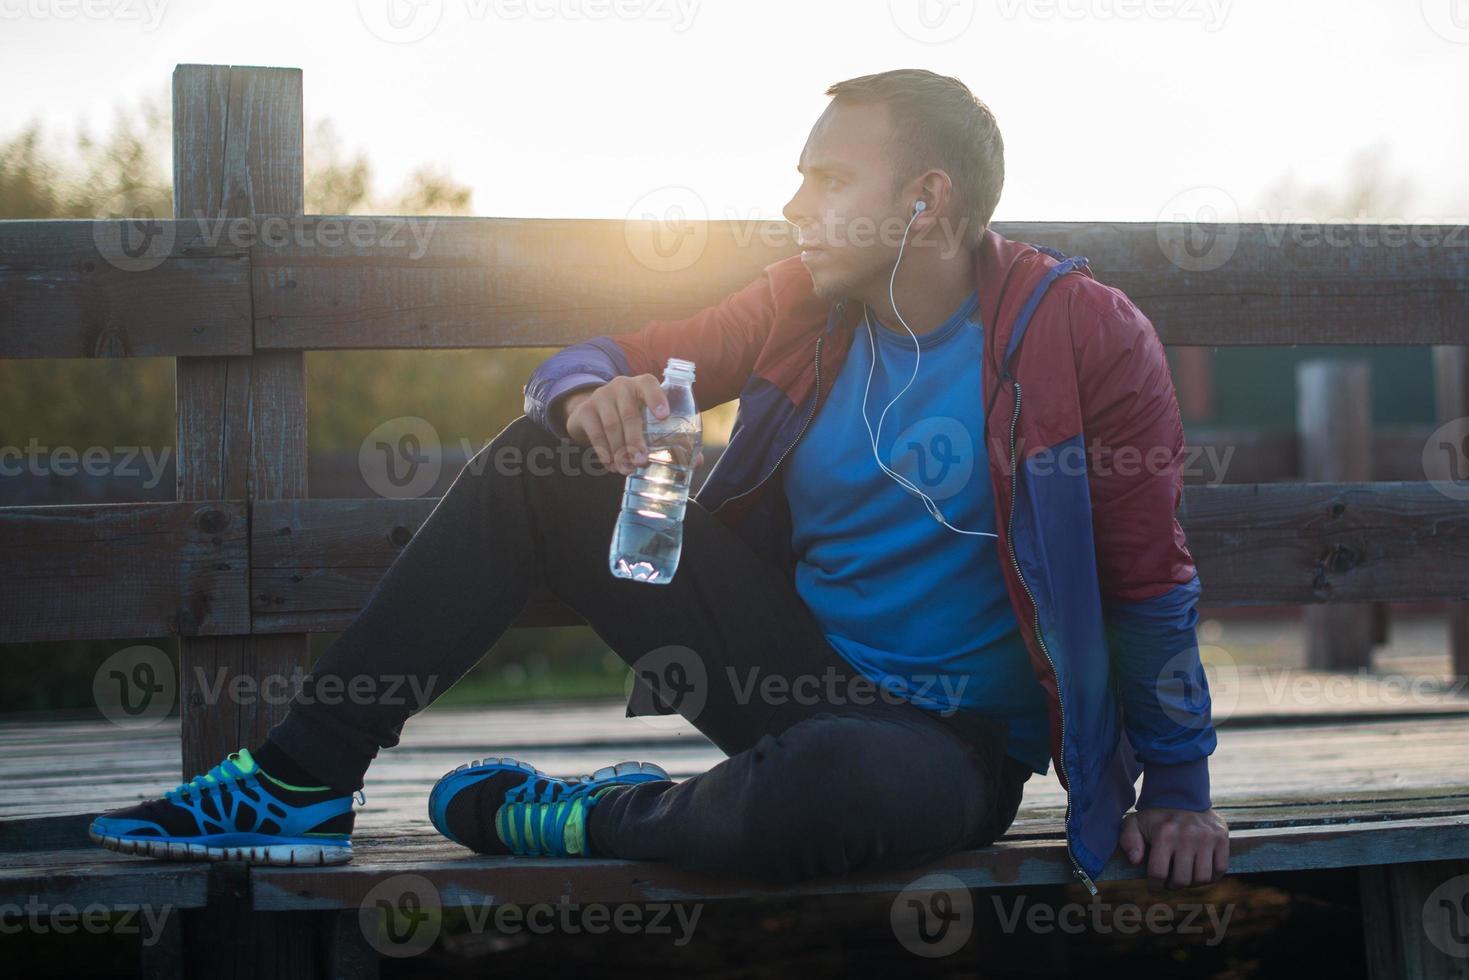 trött löpare som sitter, kopplar av och lyssnar på musiktelefon på foto